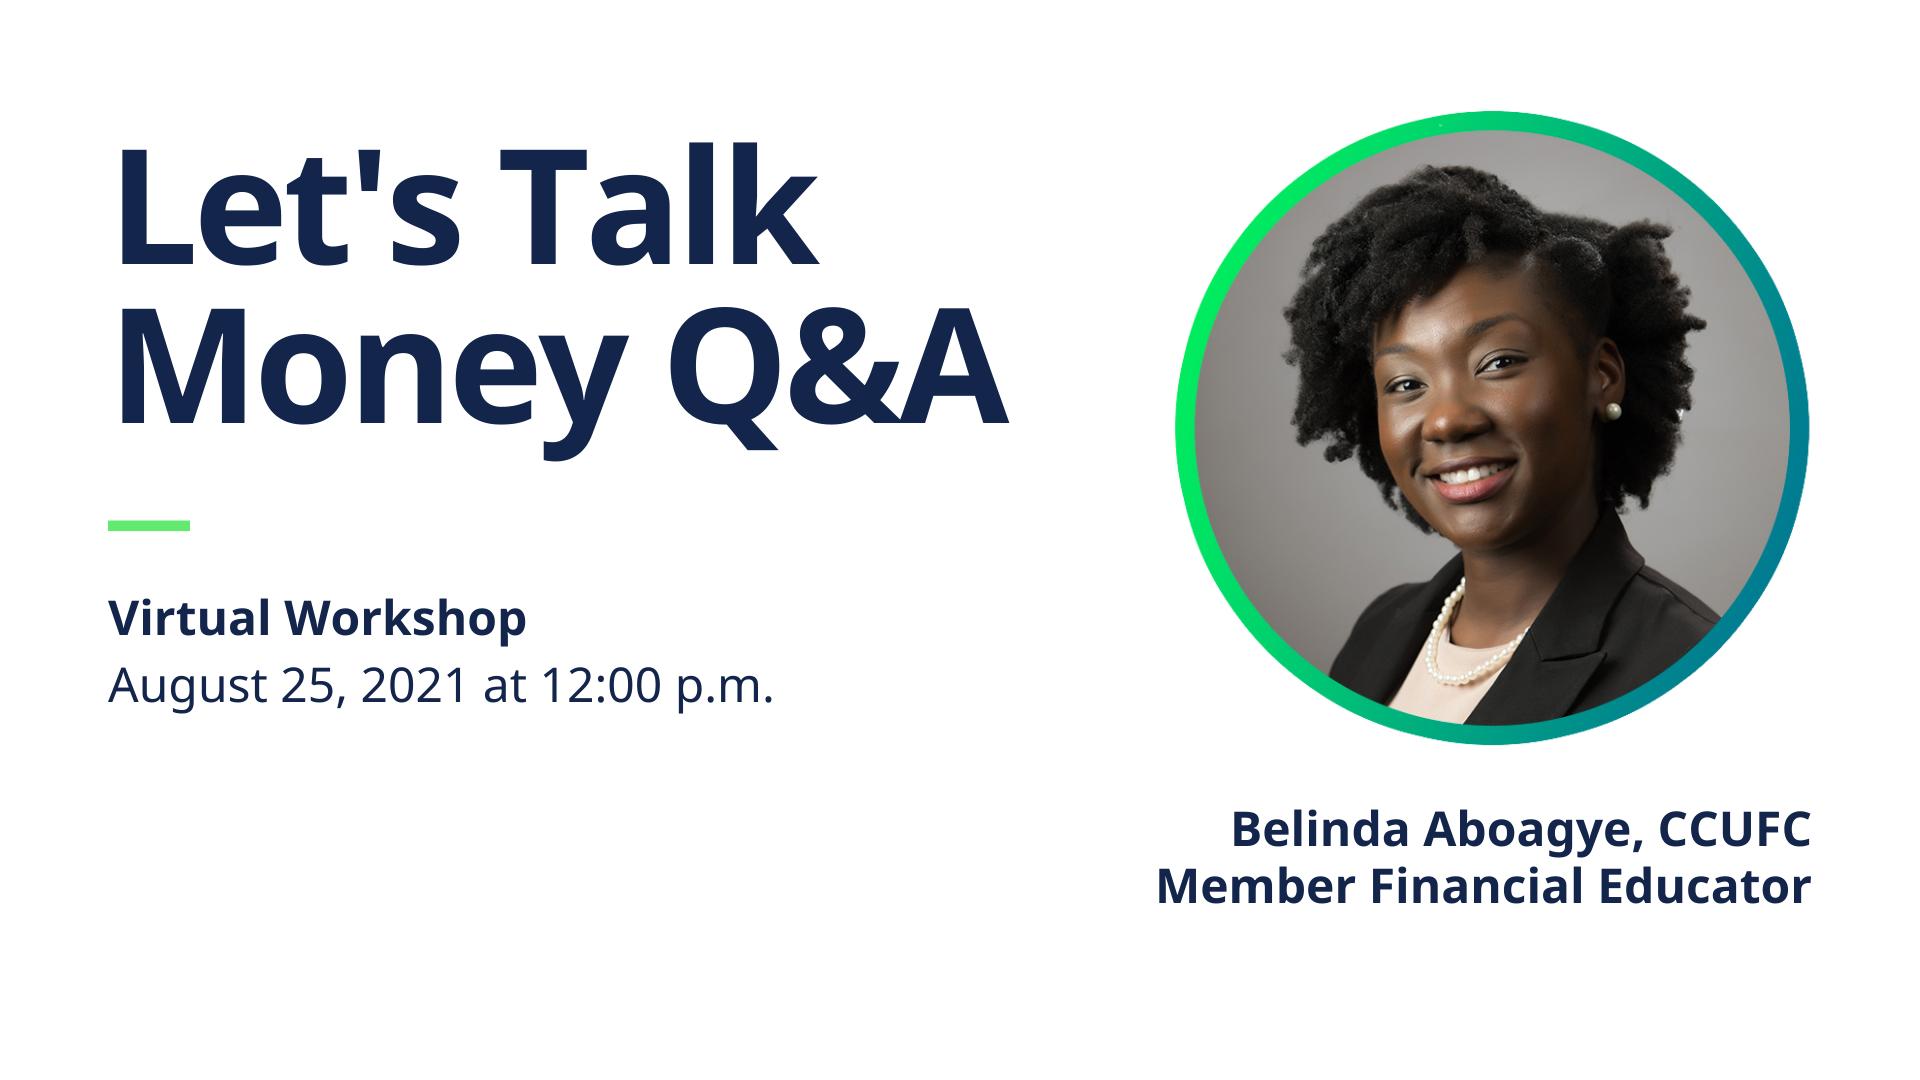 Let's Talk Money Q&A